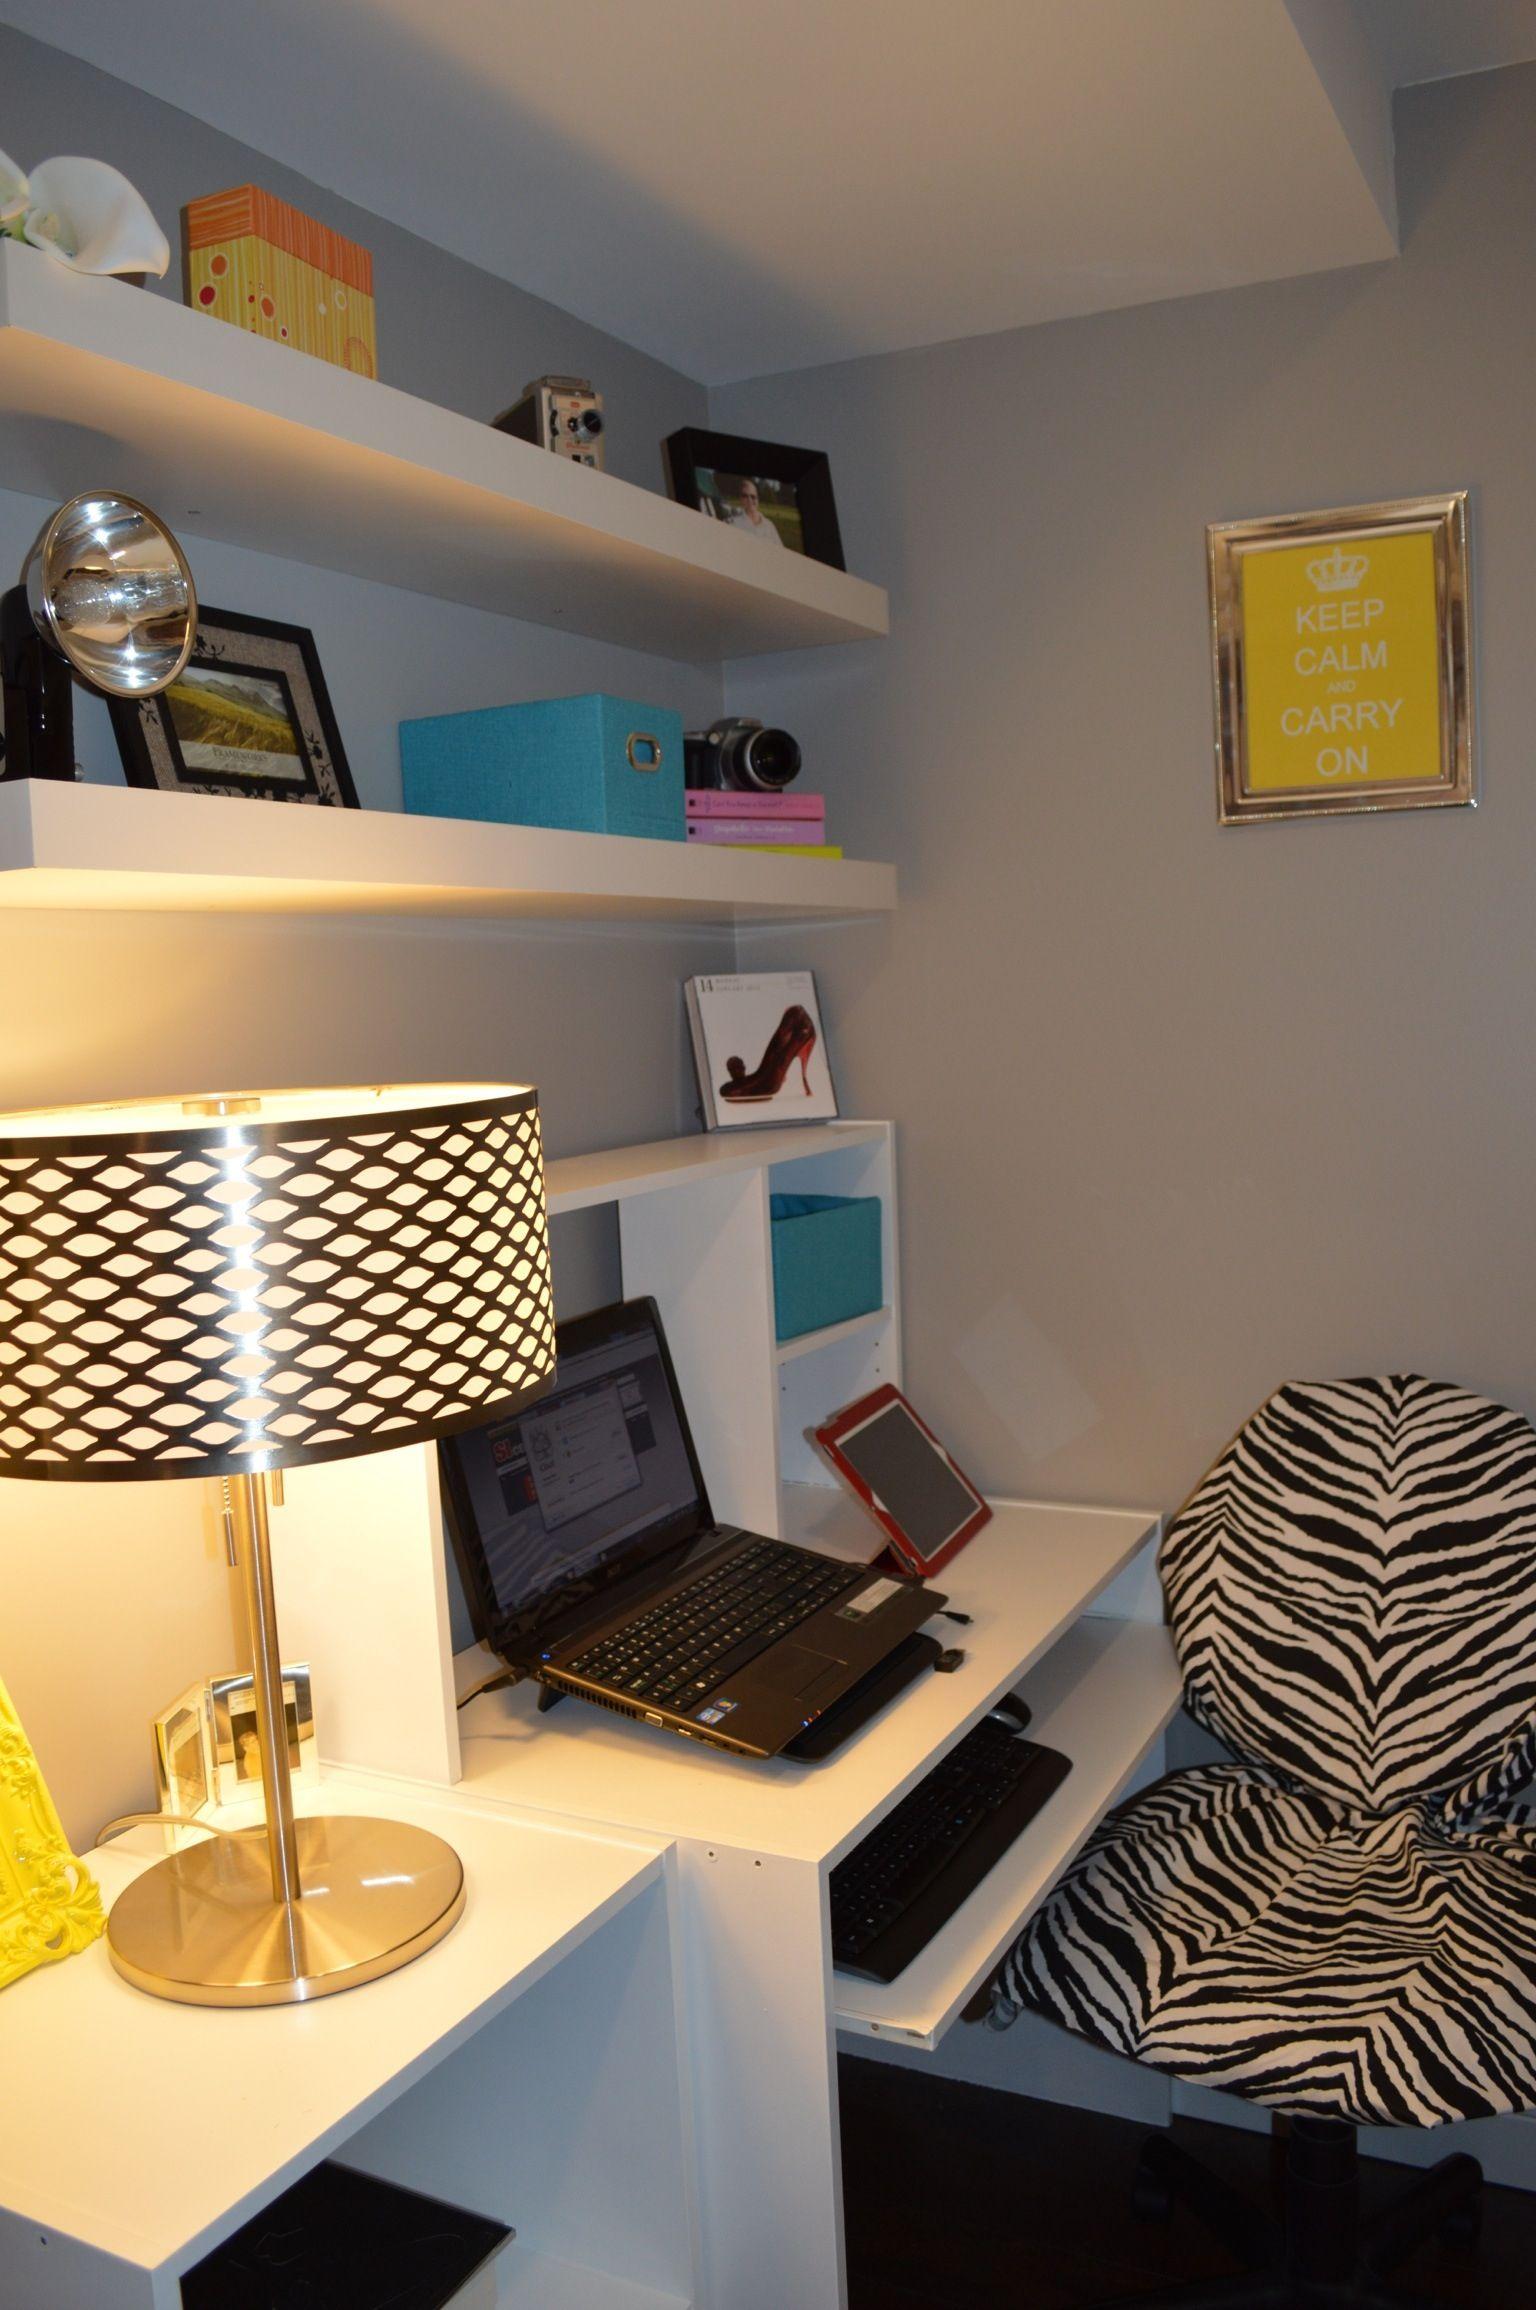 office decor ideas cubicle decor pinterest